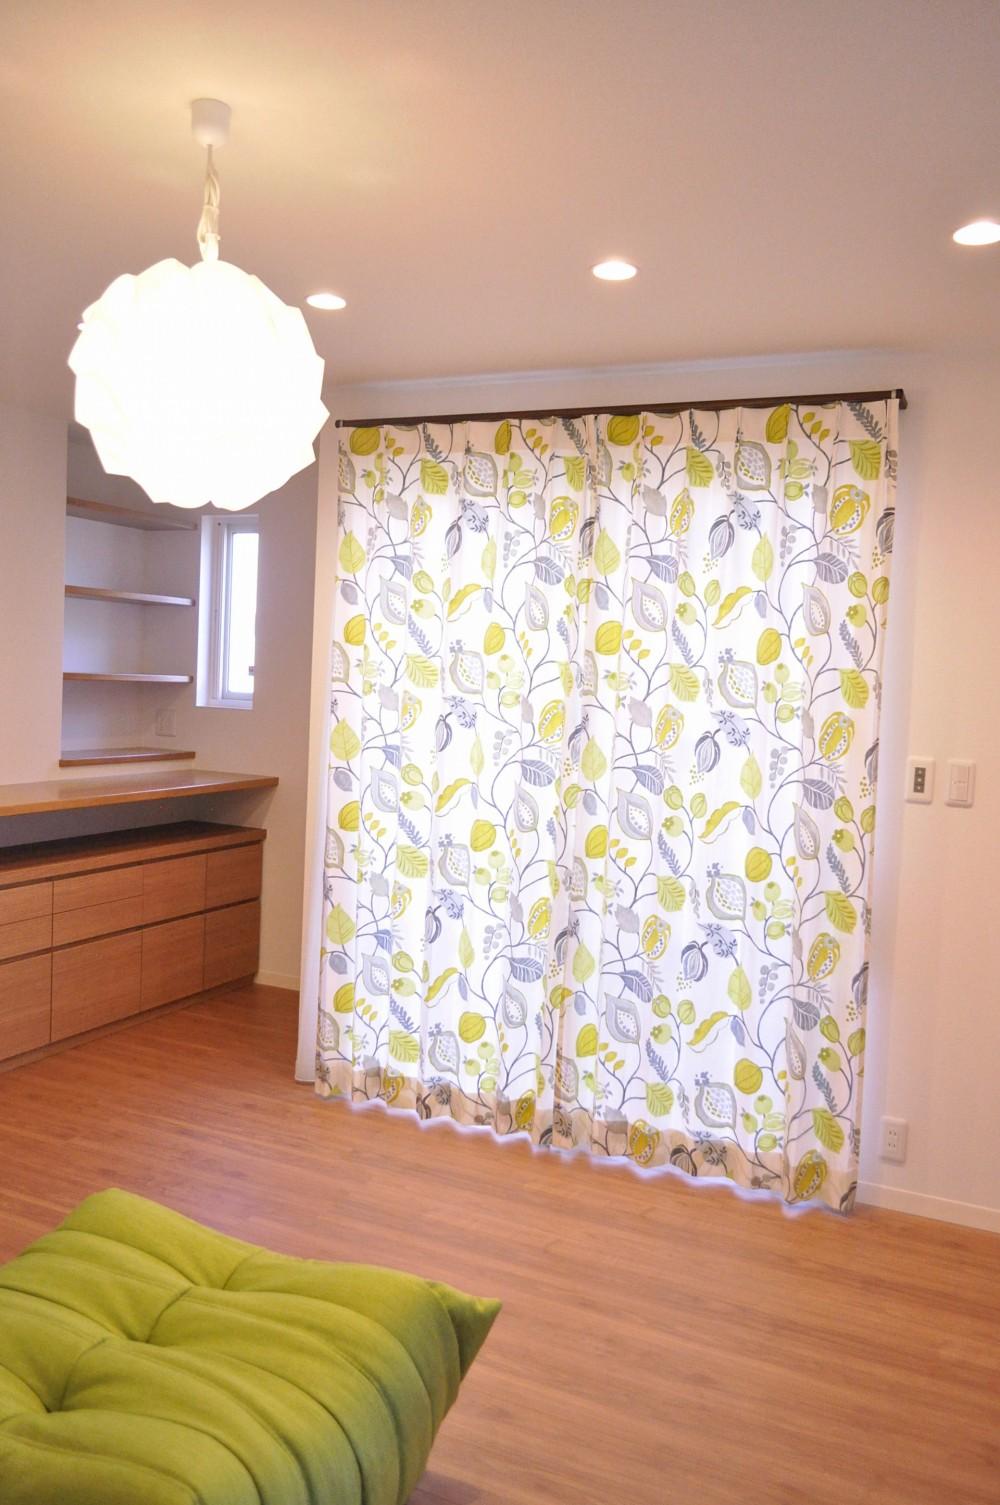 カーテンを新しくして、部屋をおしゃれに変えてみませんか?のサムネイル画像